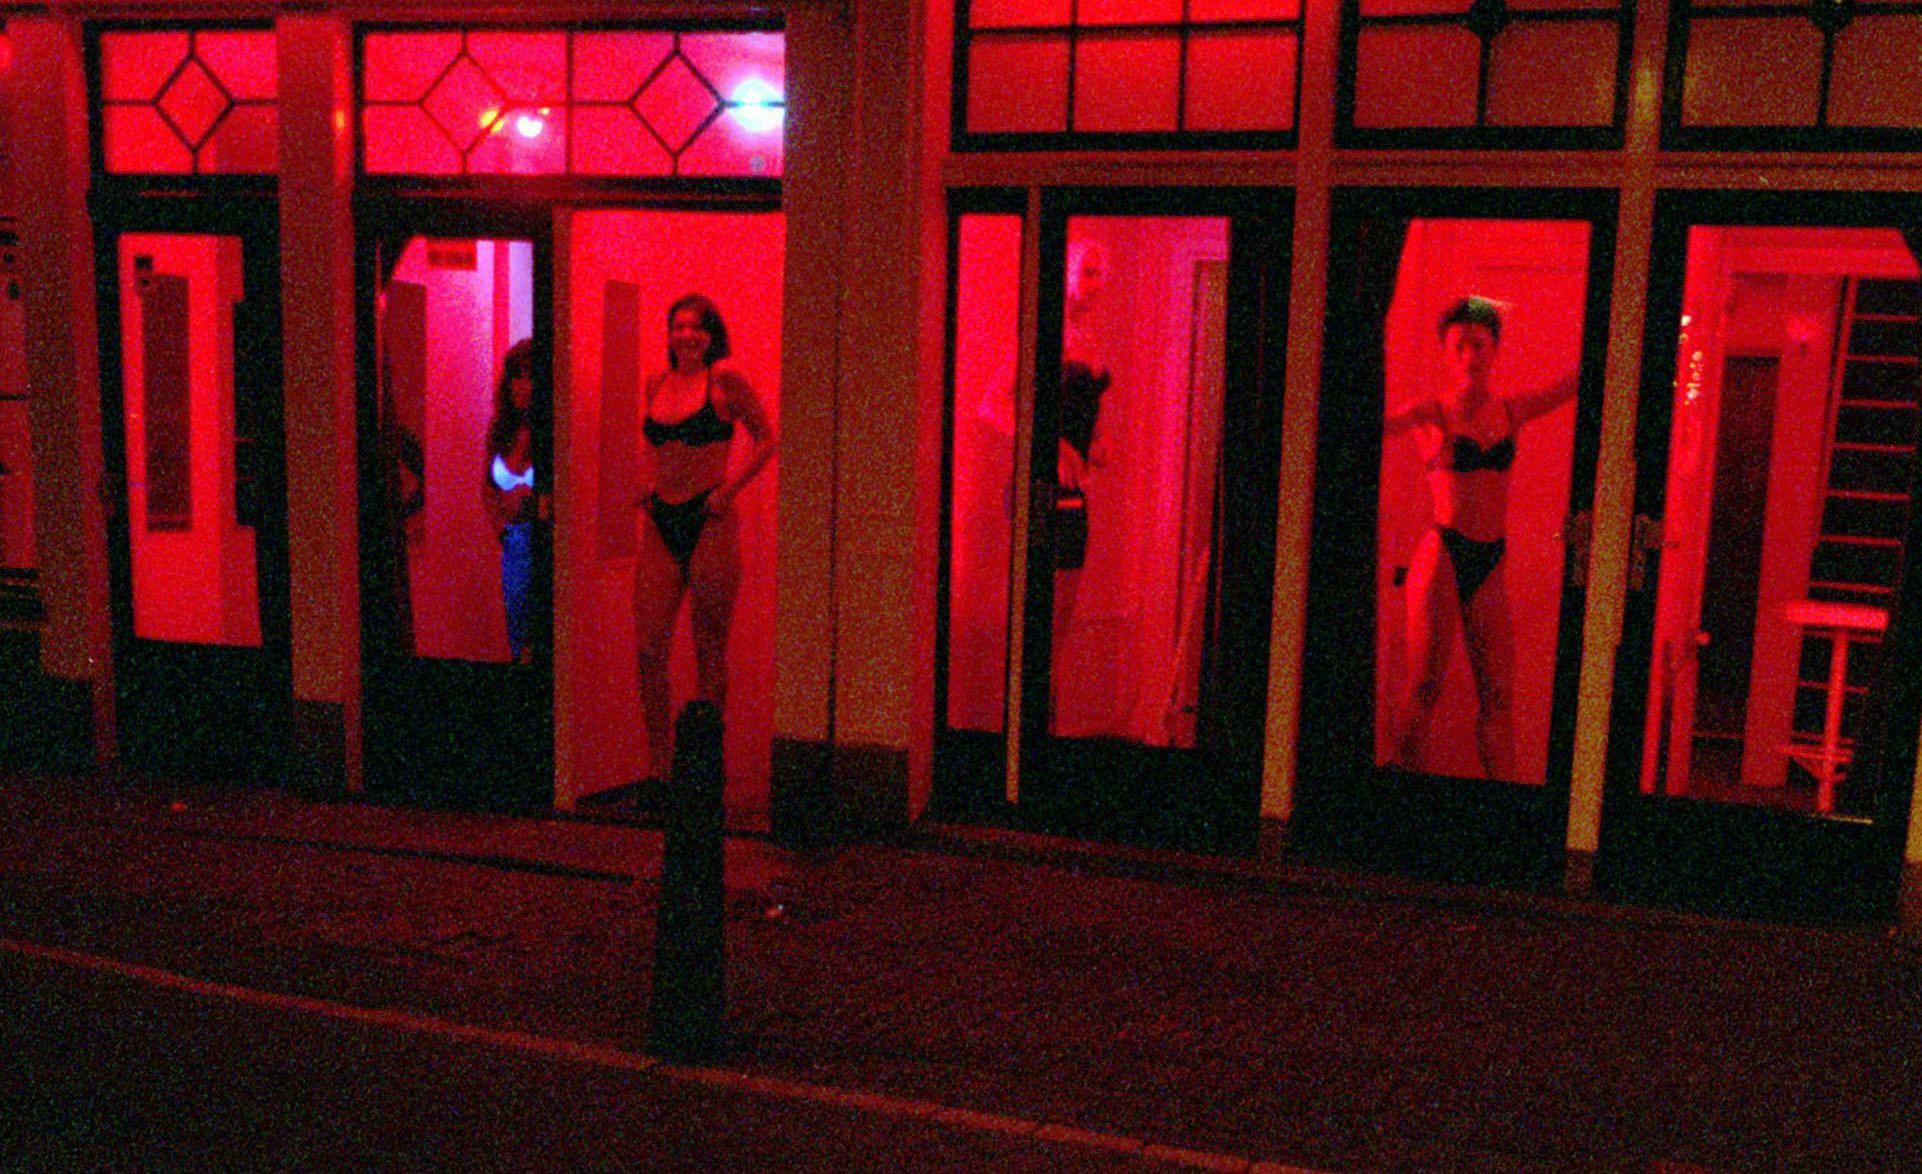 Vitrines de sexo vazias os bastidores da prostituio em Amsterdam  Virgula